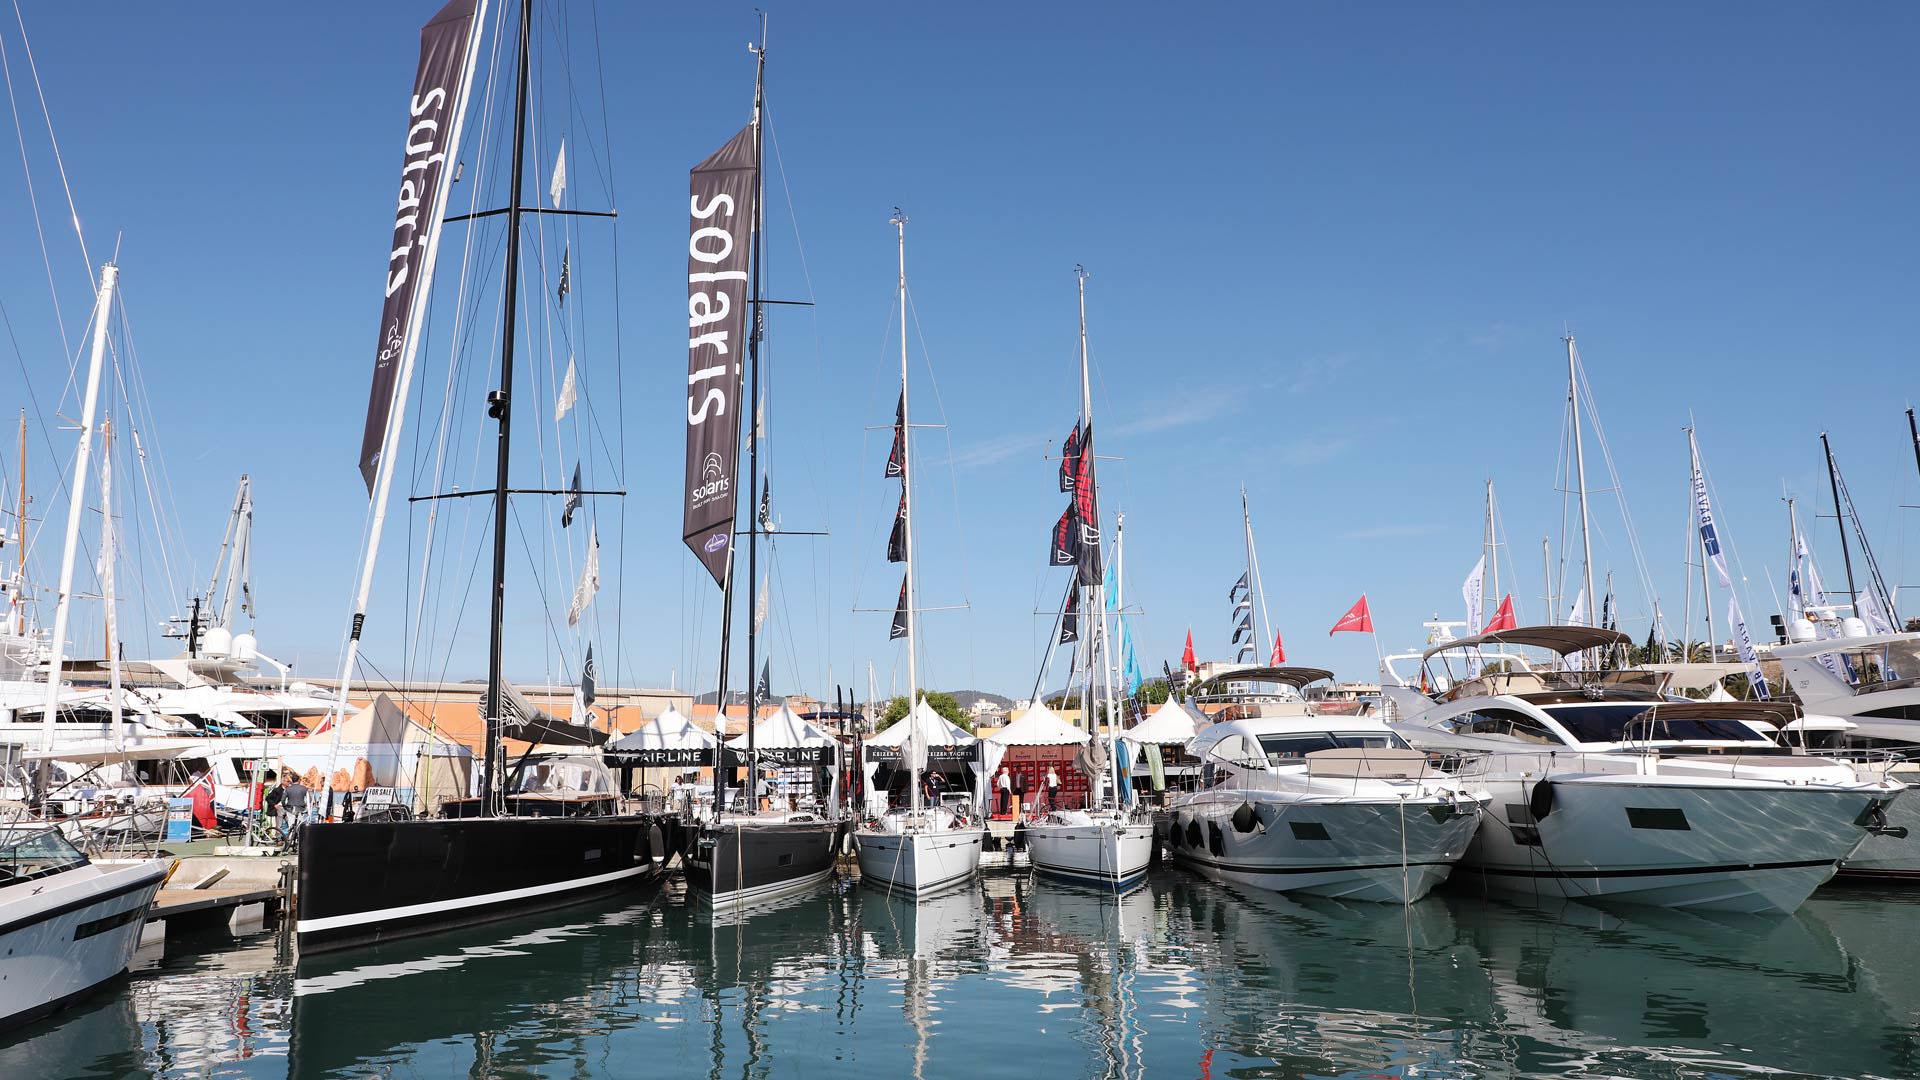 Imagen Esdeveniment BoatShow Palma